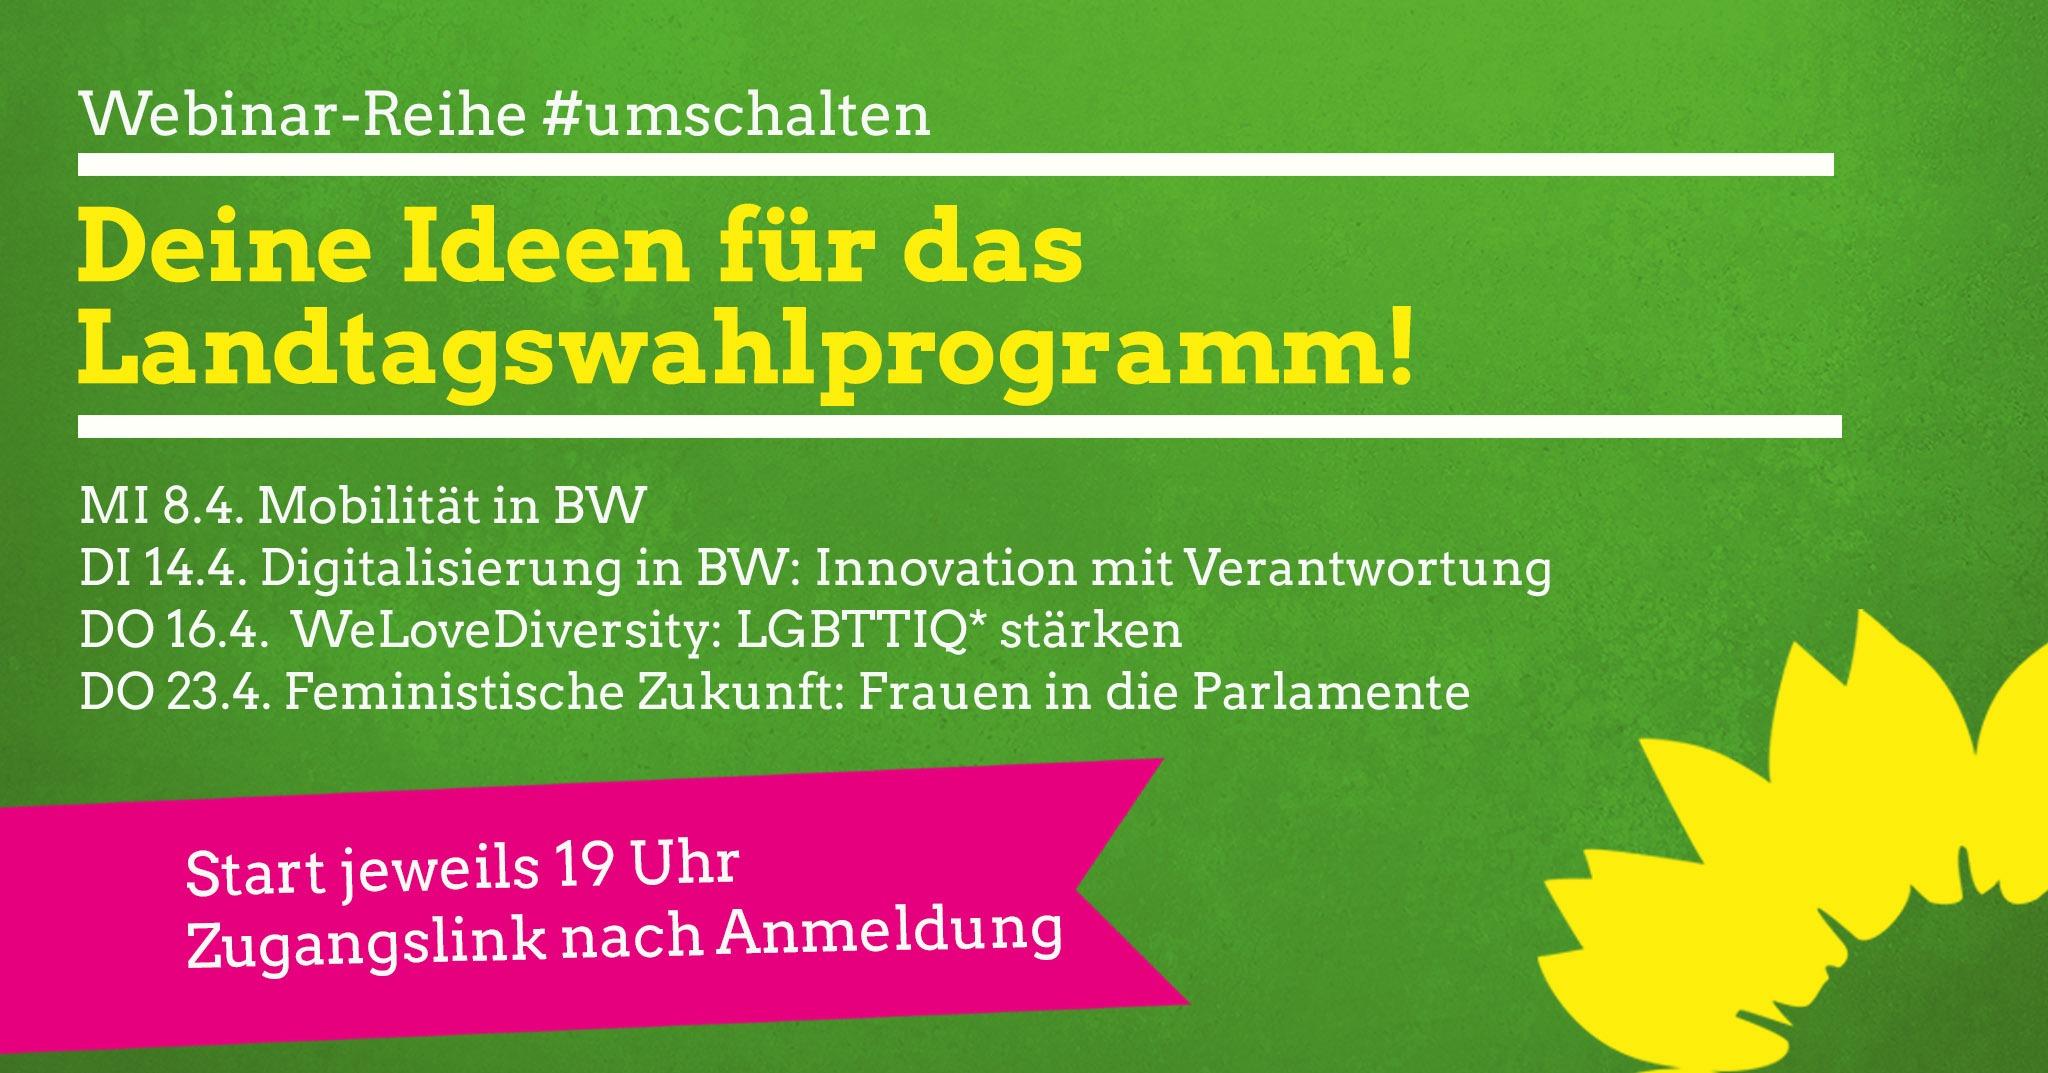 """Webinar-Reihe """"#umschalten: Deine Ideen für das Landtagswahlprogramm!"""""""